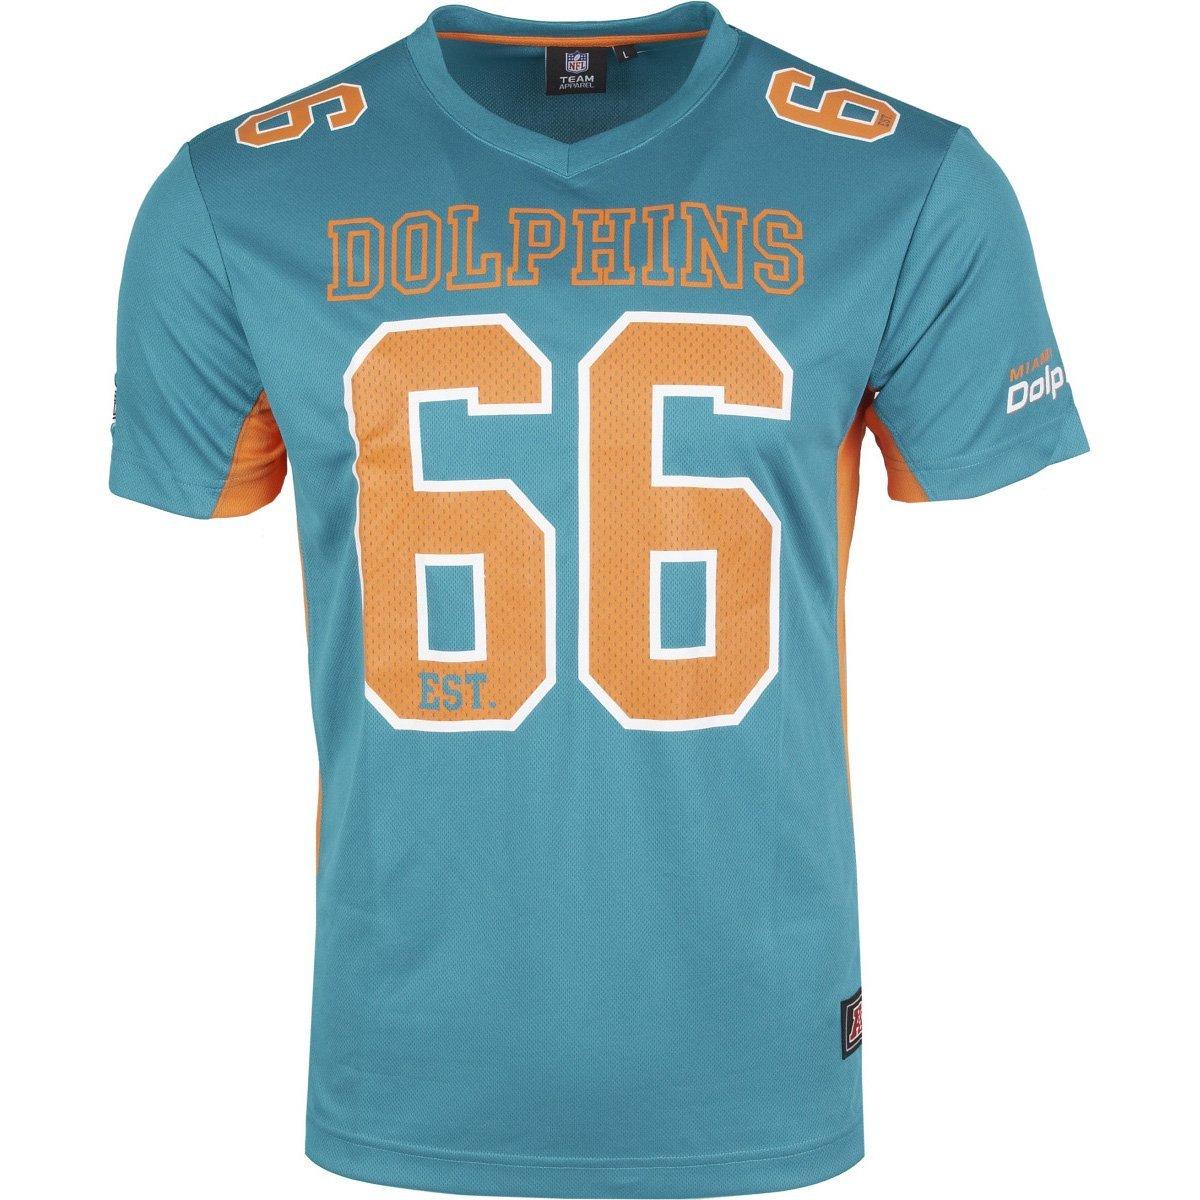 Majestic NFL Mesh Polyester Jersey Shirt - Minnesota Vikings MAJESTIC ATHLETIC